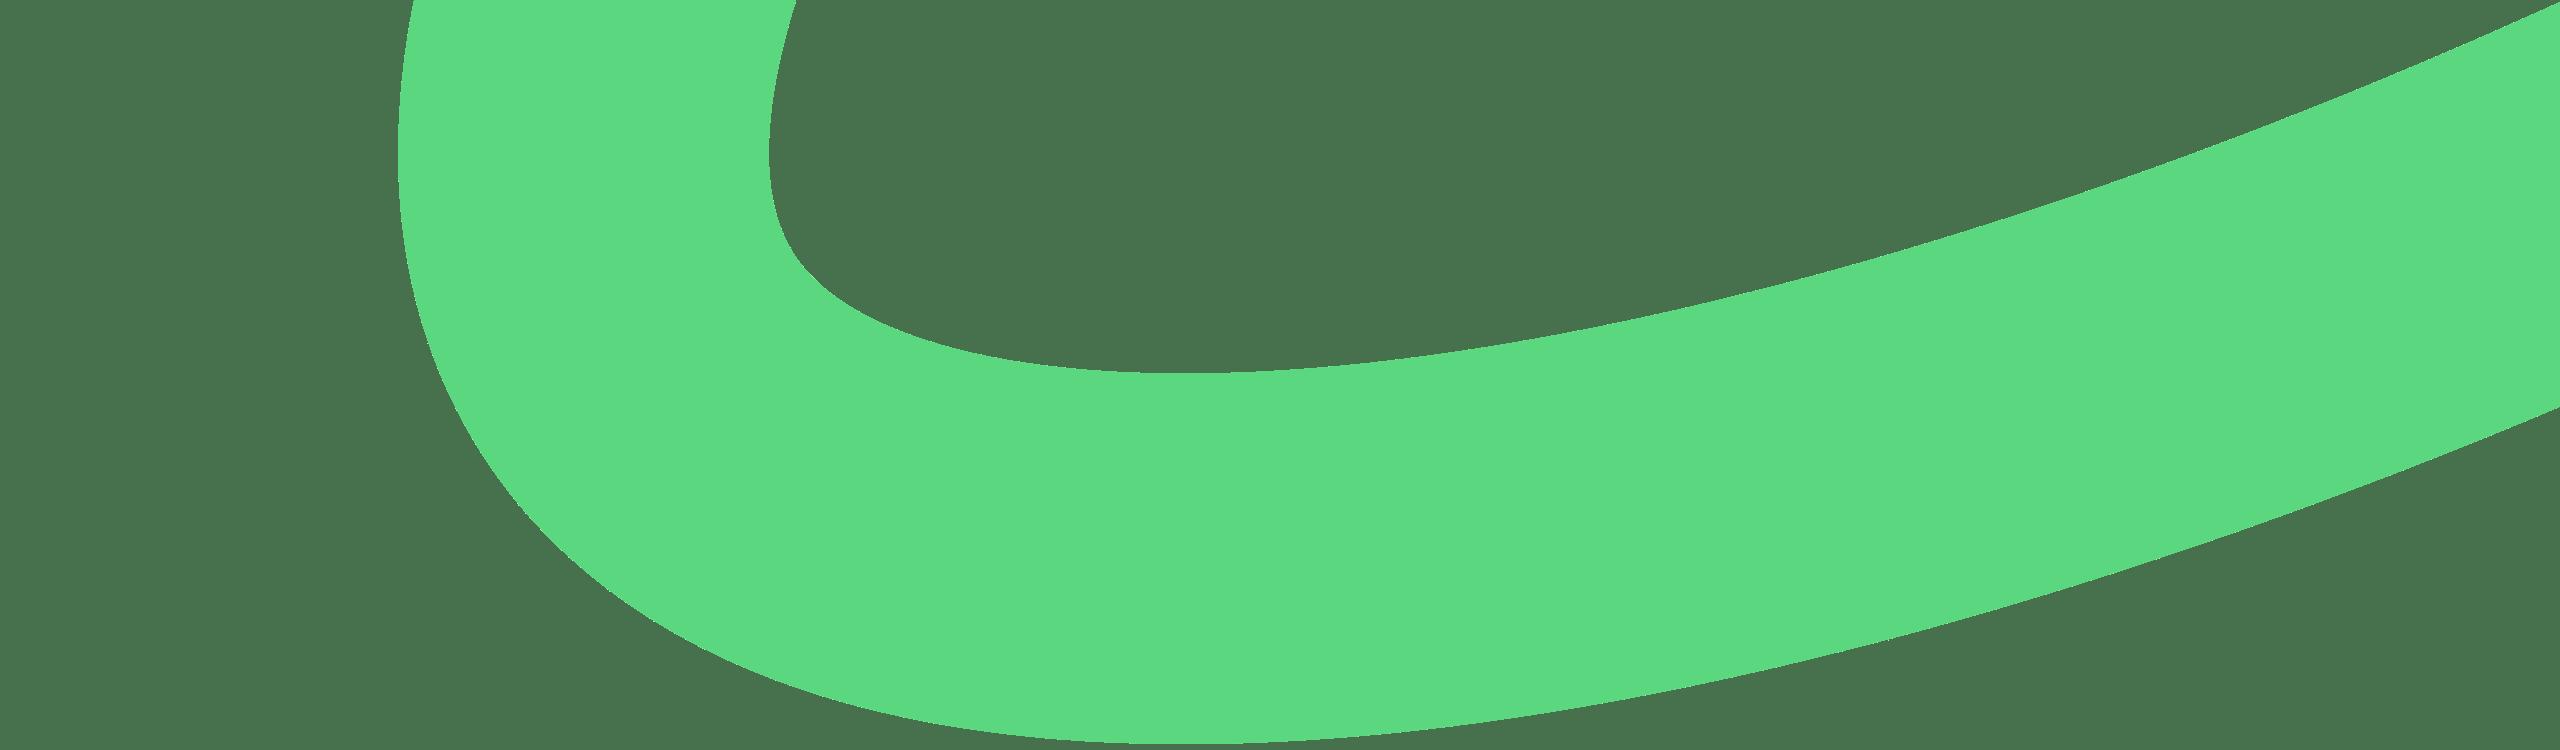 green-energy-21-1